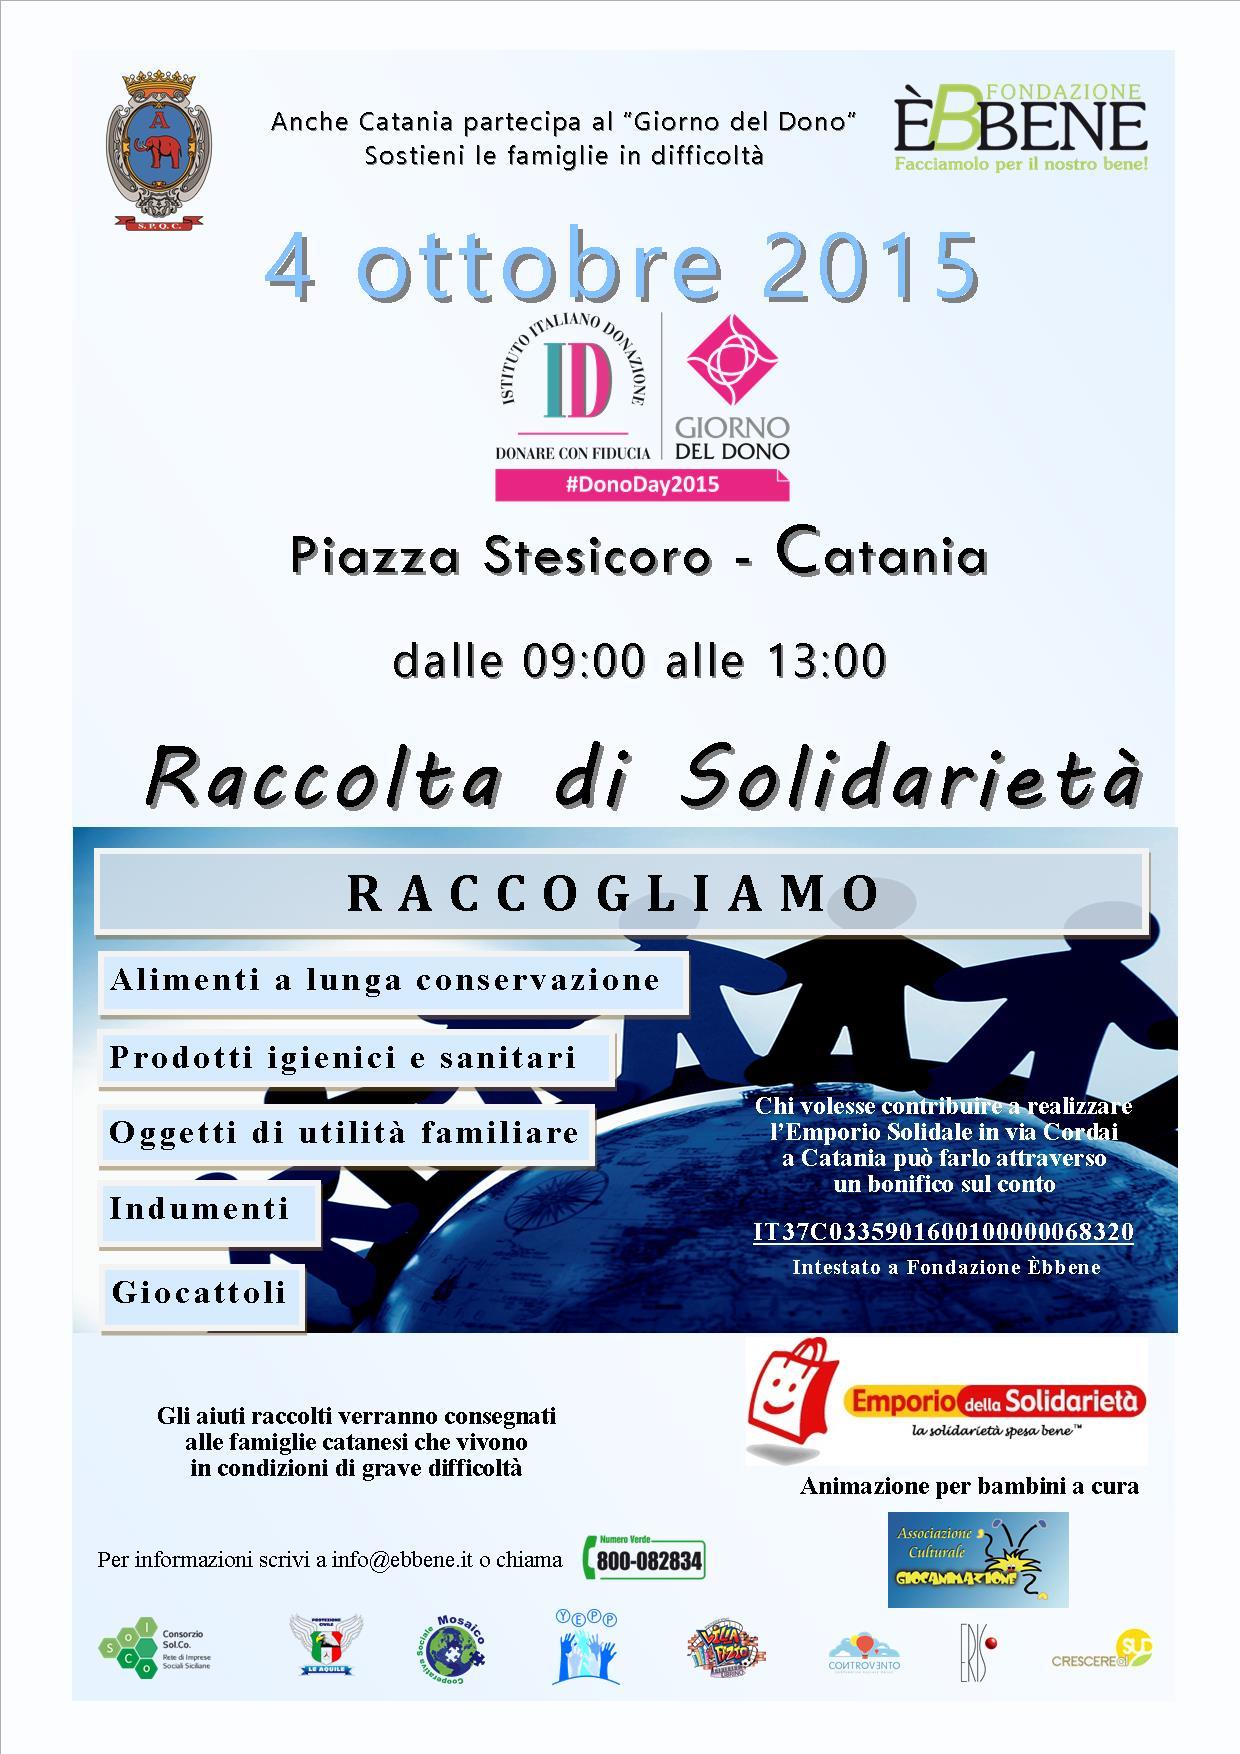 #Catania. Il Giorno del Dono, a piazza Stesicoro tra festa e solidarietà